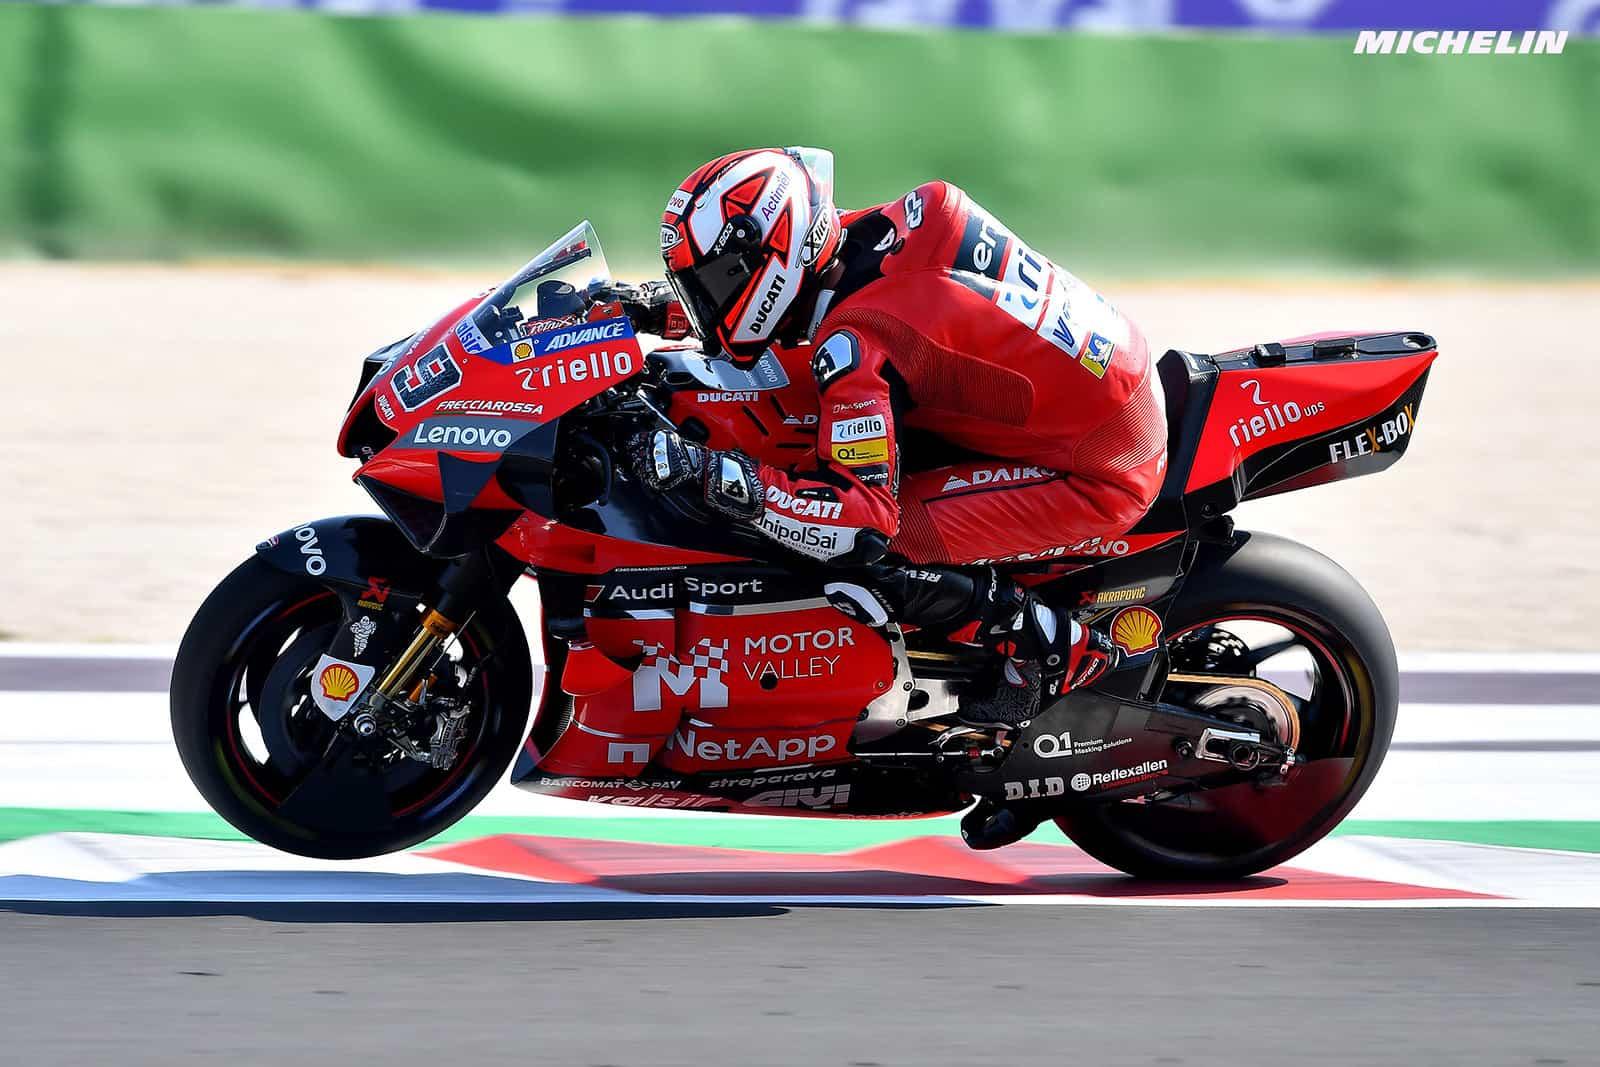 エミリア・ロマーニャGP 予選9位ダニーロ・ペトルッチ「リアタイヤの選択をしっかり考える必要あり」